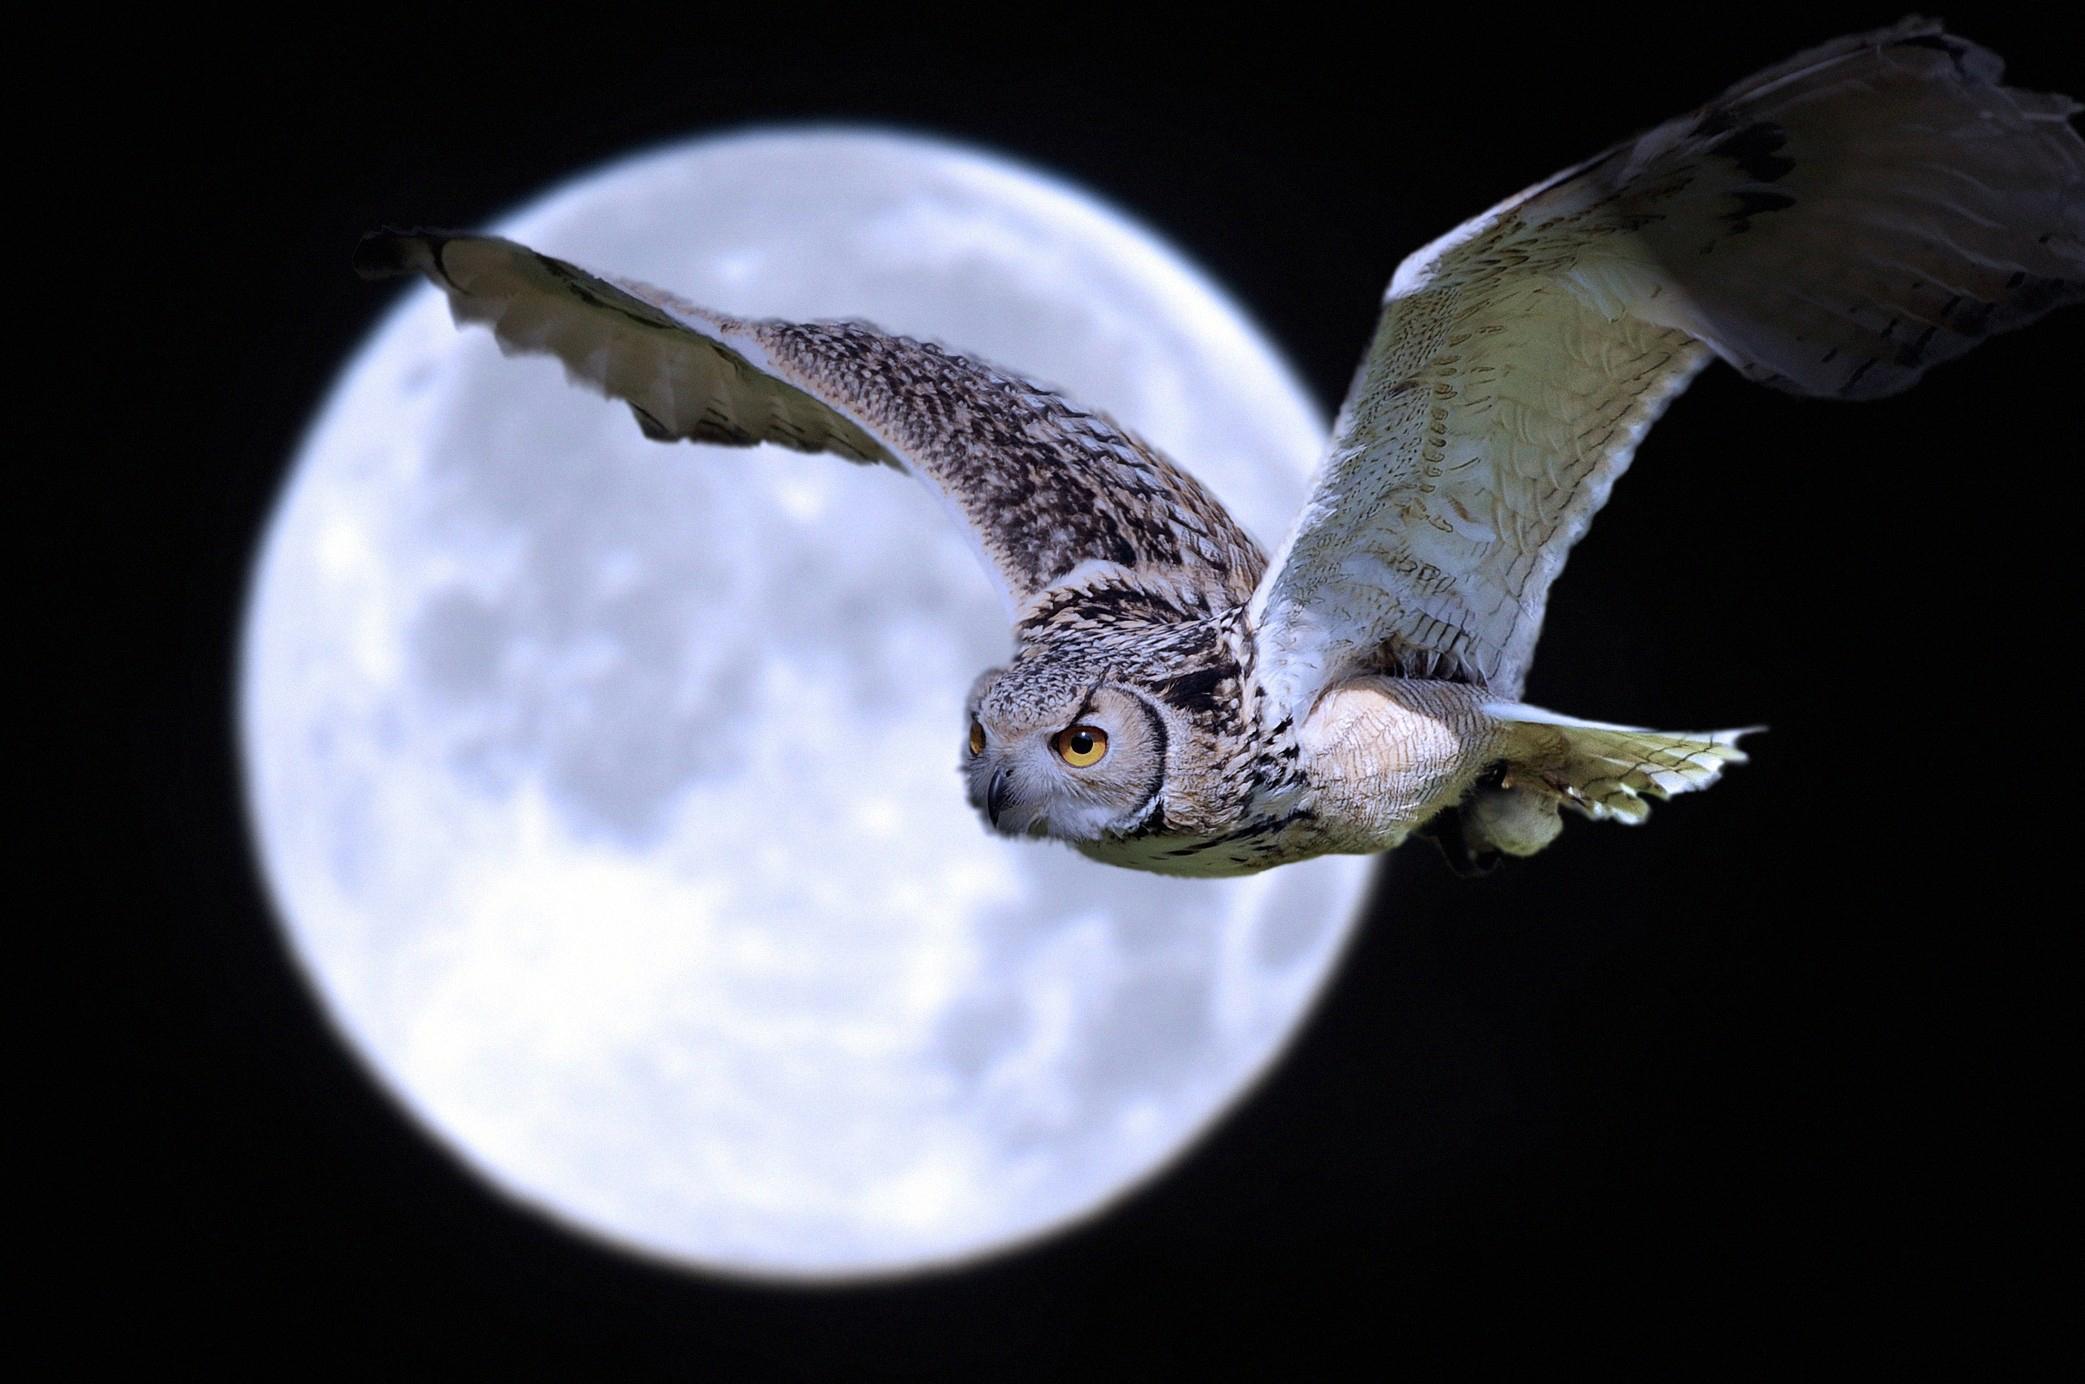 Картинка: Сова, луна, полнолуние, ночь, свет, летит